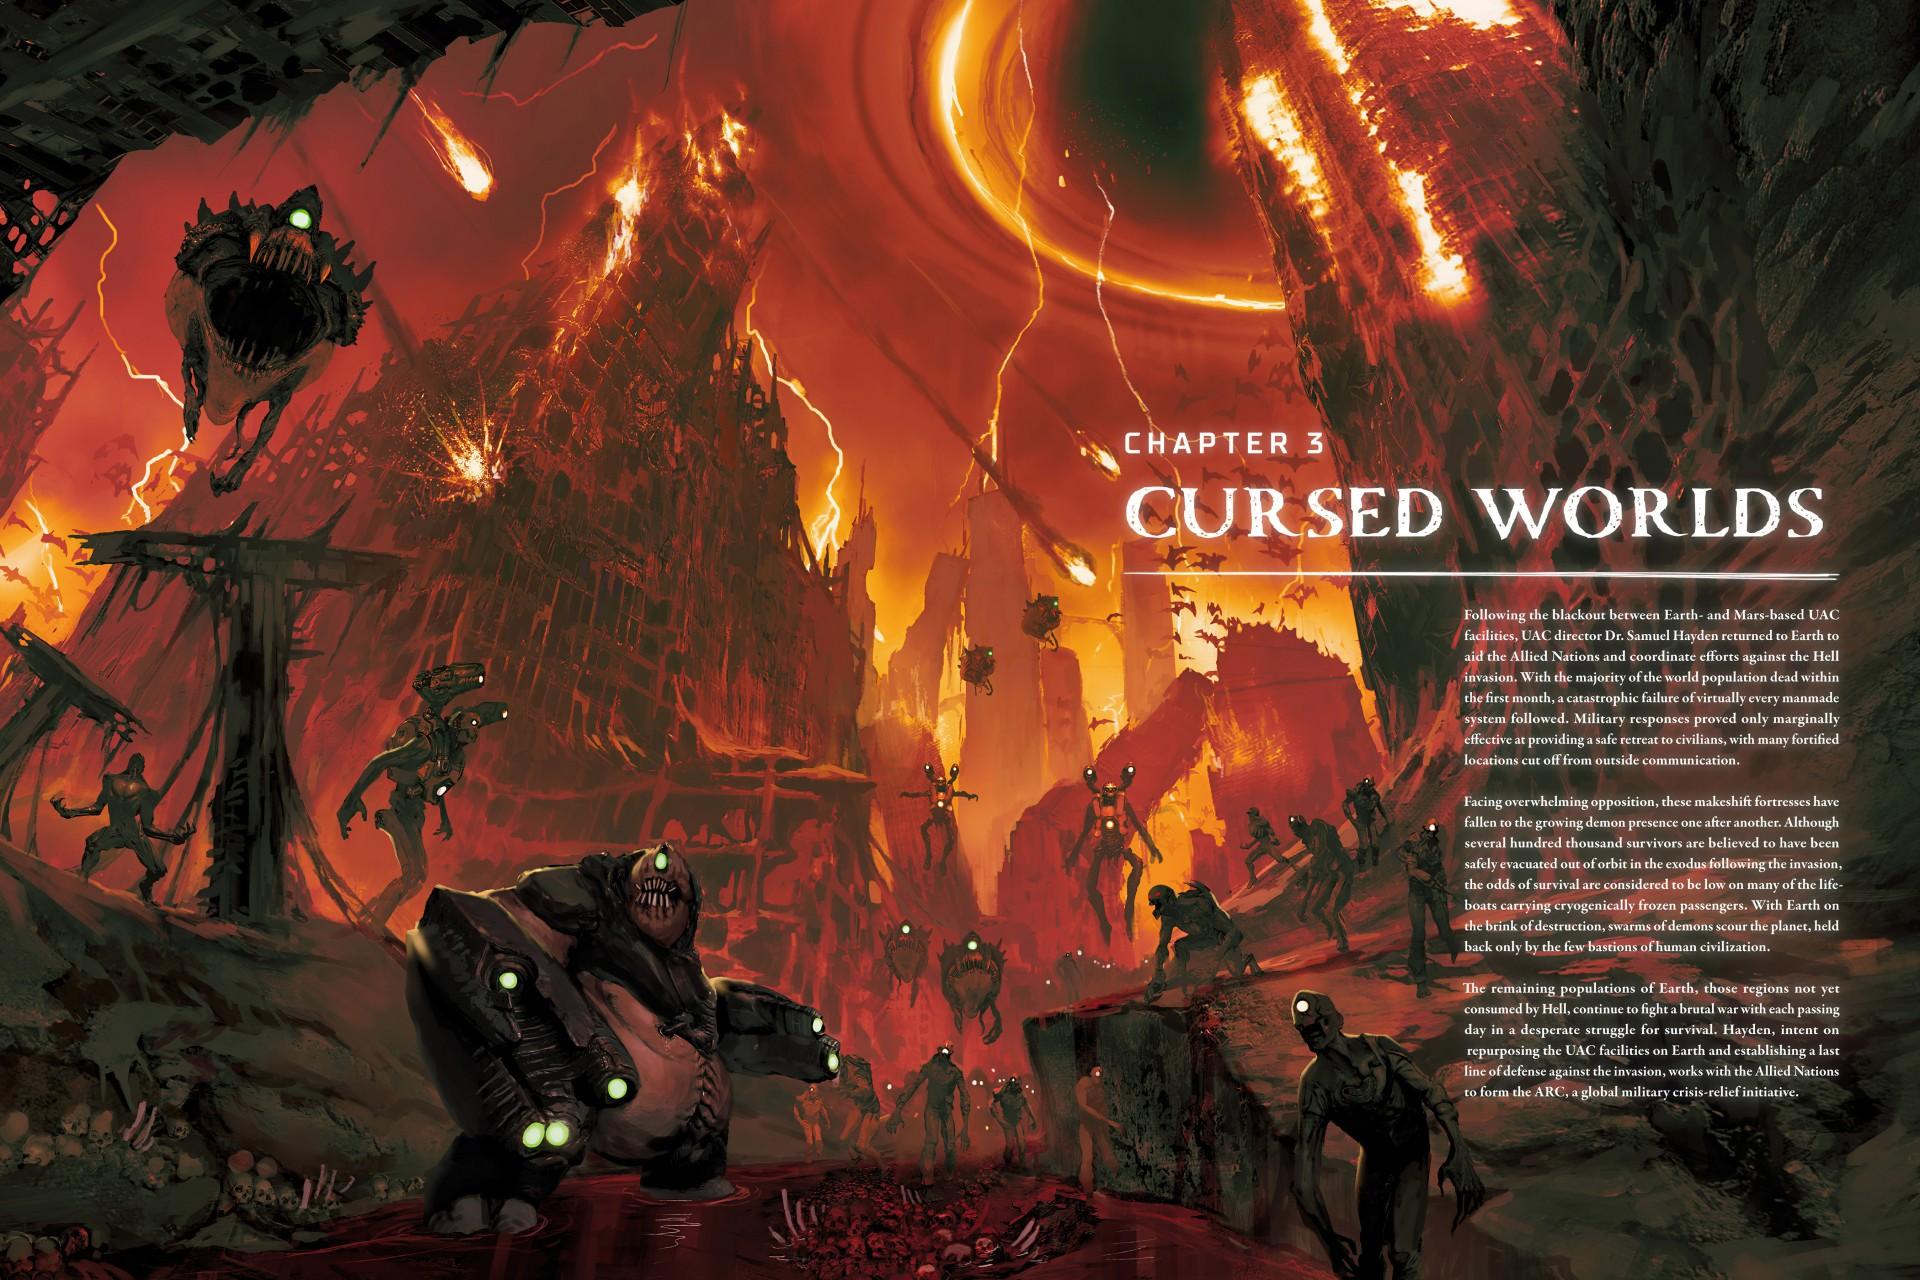 Утечка: Первый взгляд на артбук Doom Eternal — со спойлерами